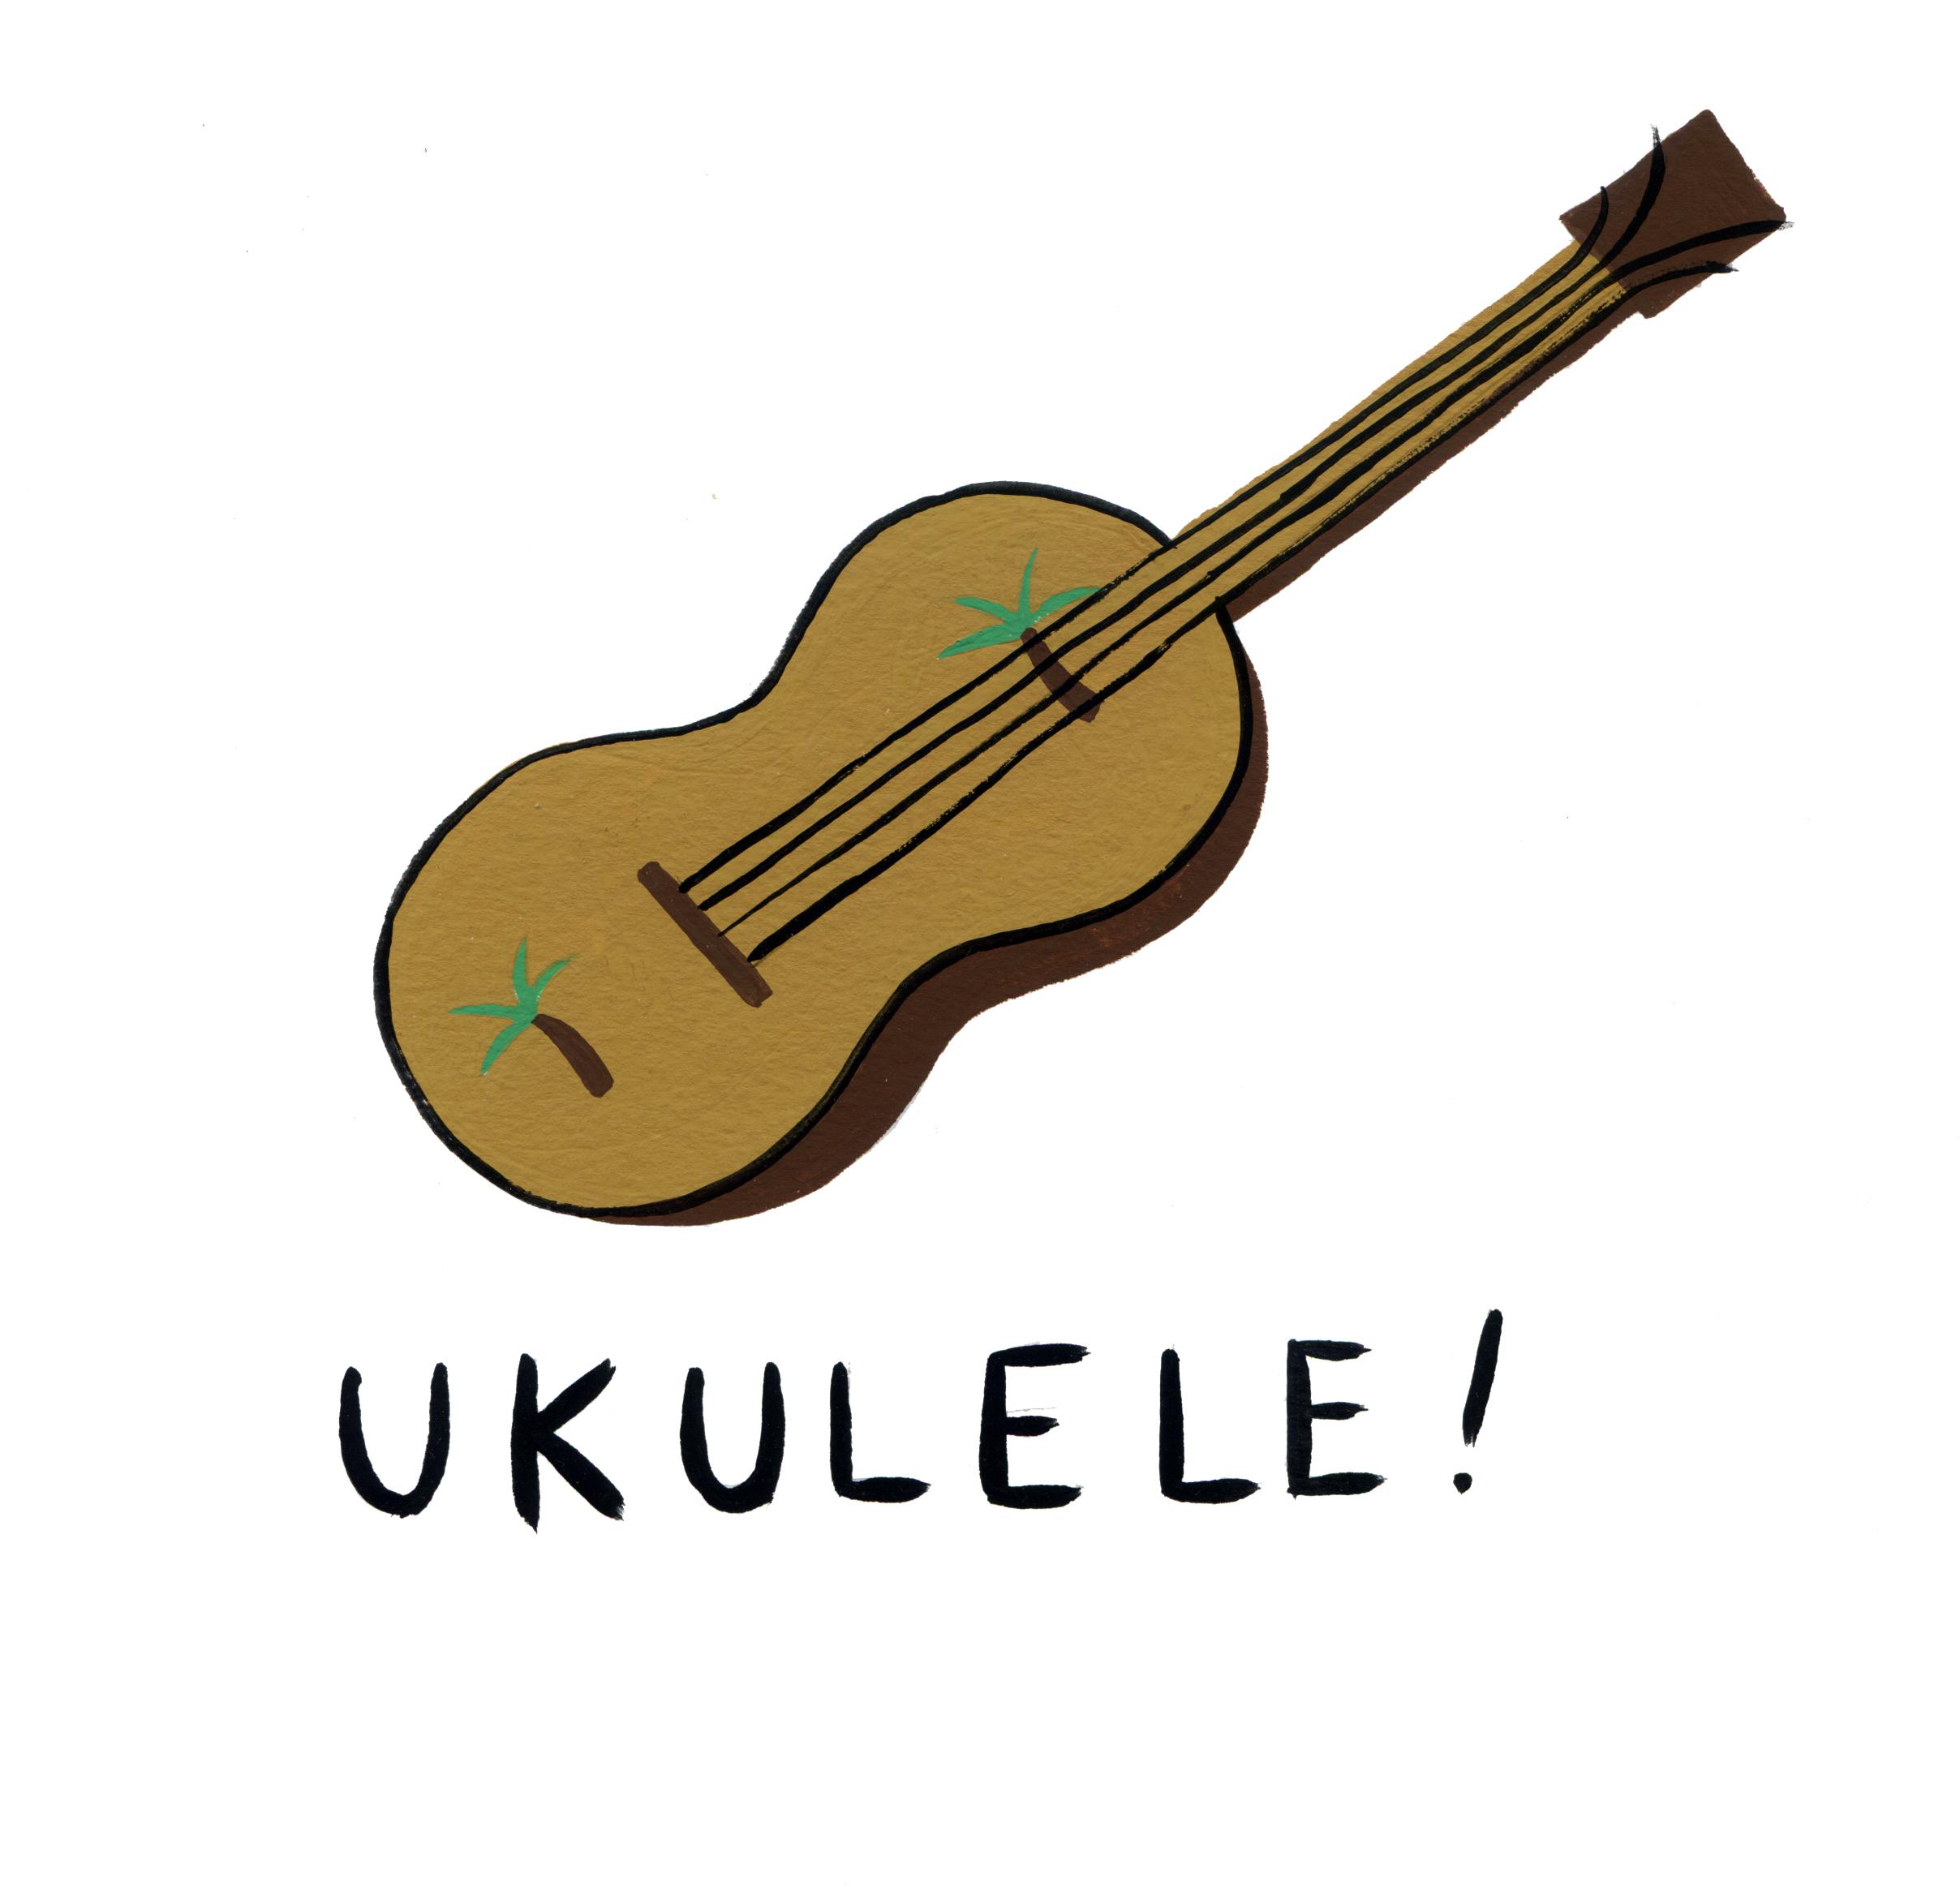 ukulele.jpg